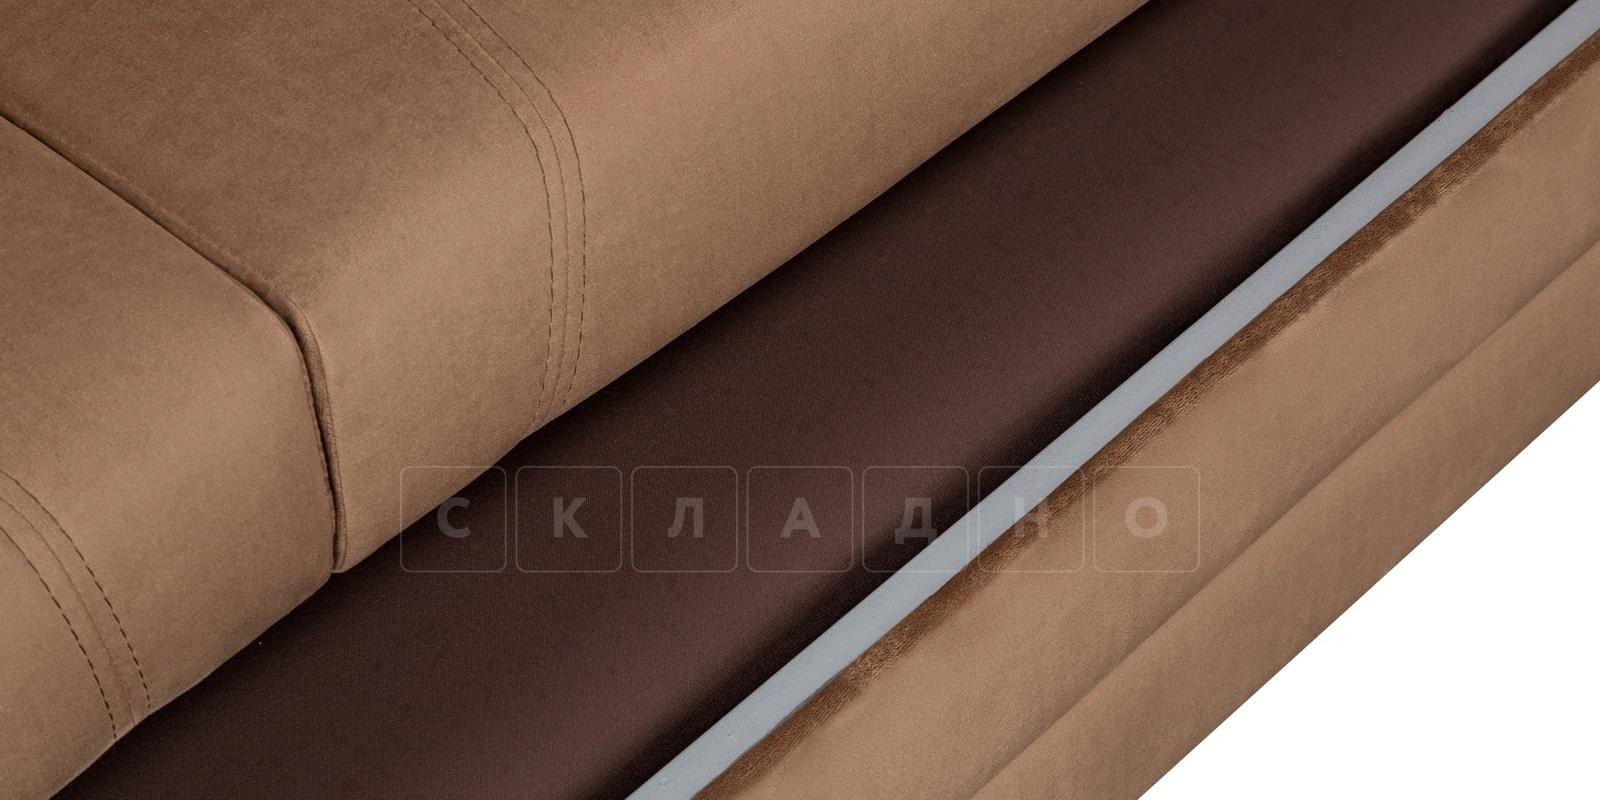 Диван угловой Бристоль велюр коричневый правый угол фото 6 | интернет-магазин Складно